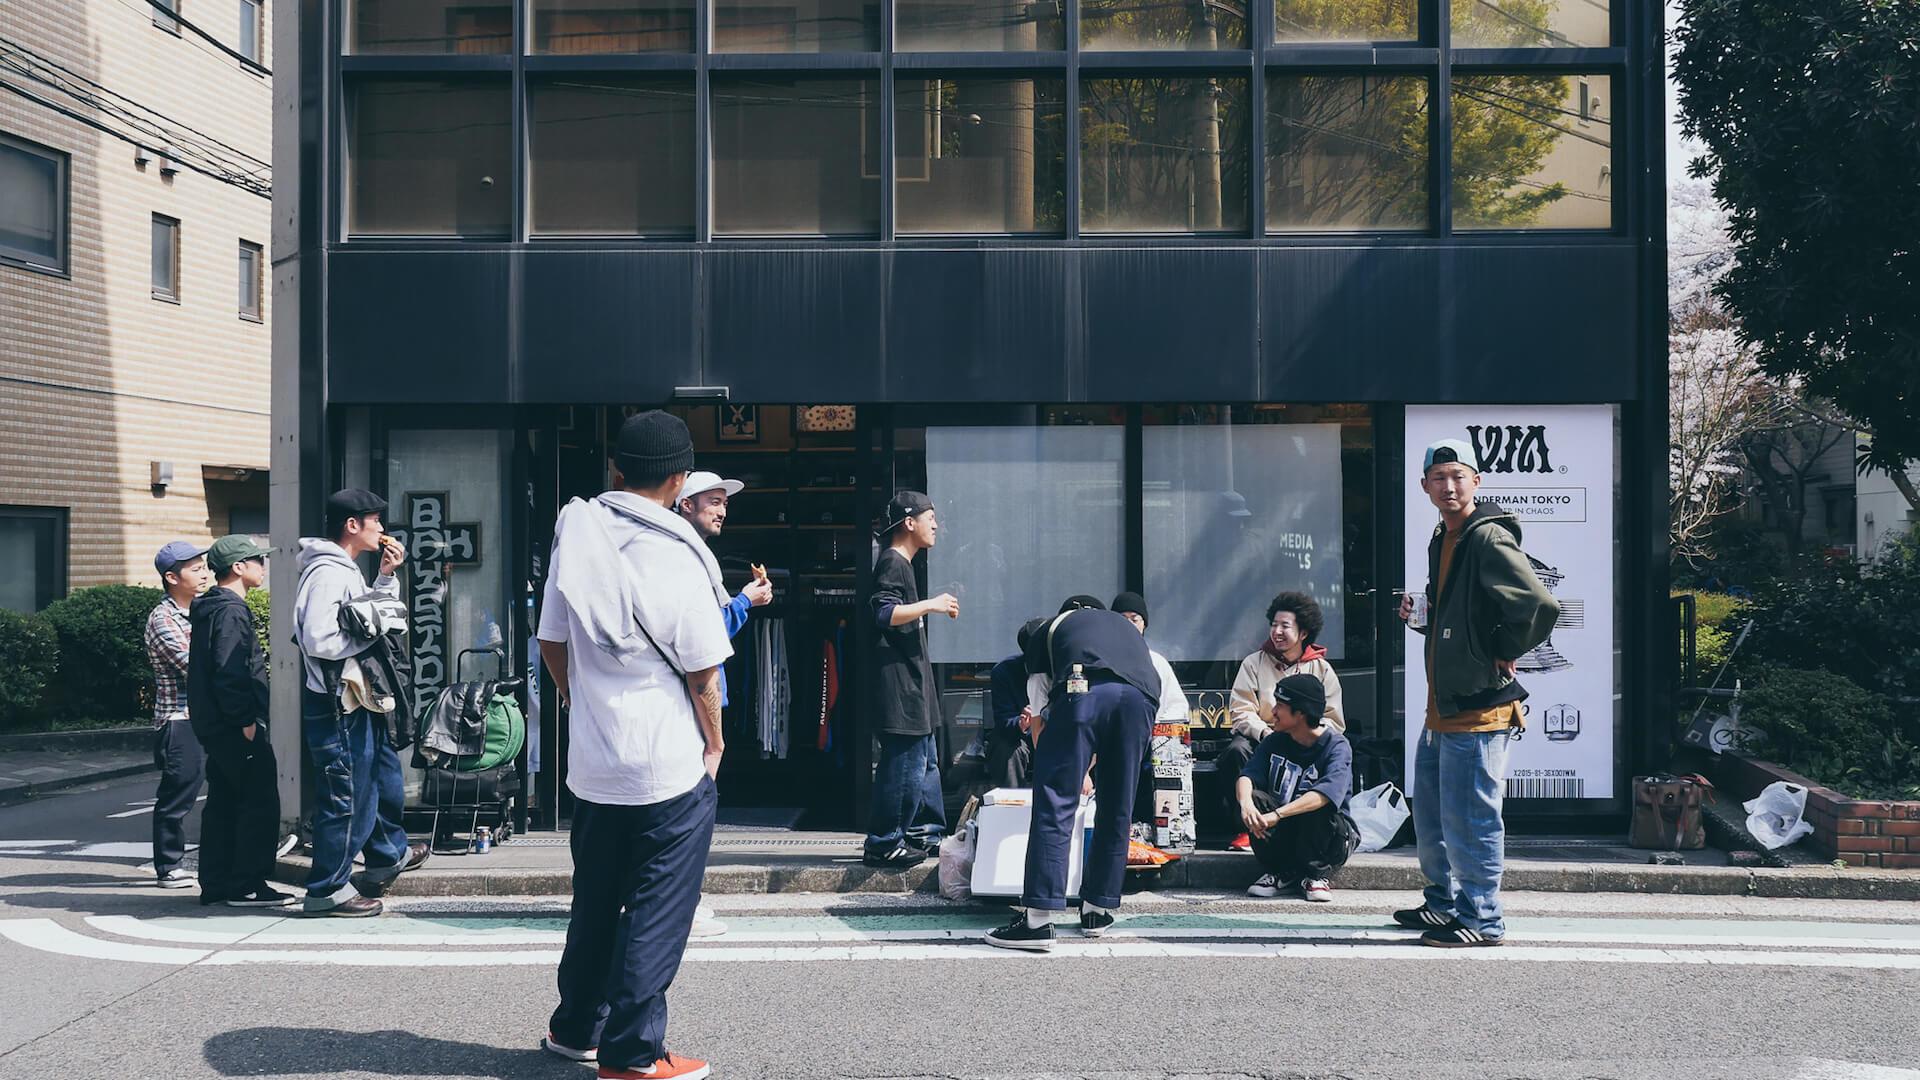 ビートは世界と出会う――BEAT MEETS WORLD x WANDERMAN POP UP in RAH YOKOHAMA REPORT interview-beat-meets-world-pop-up-report-3